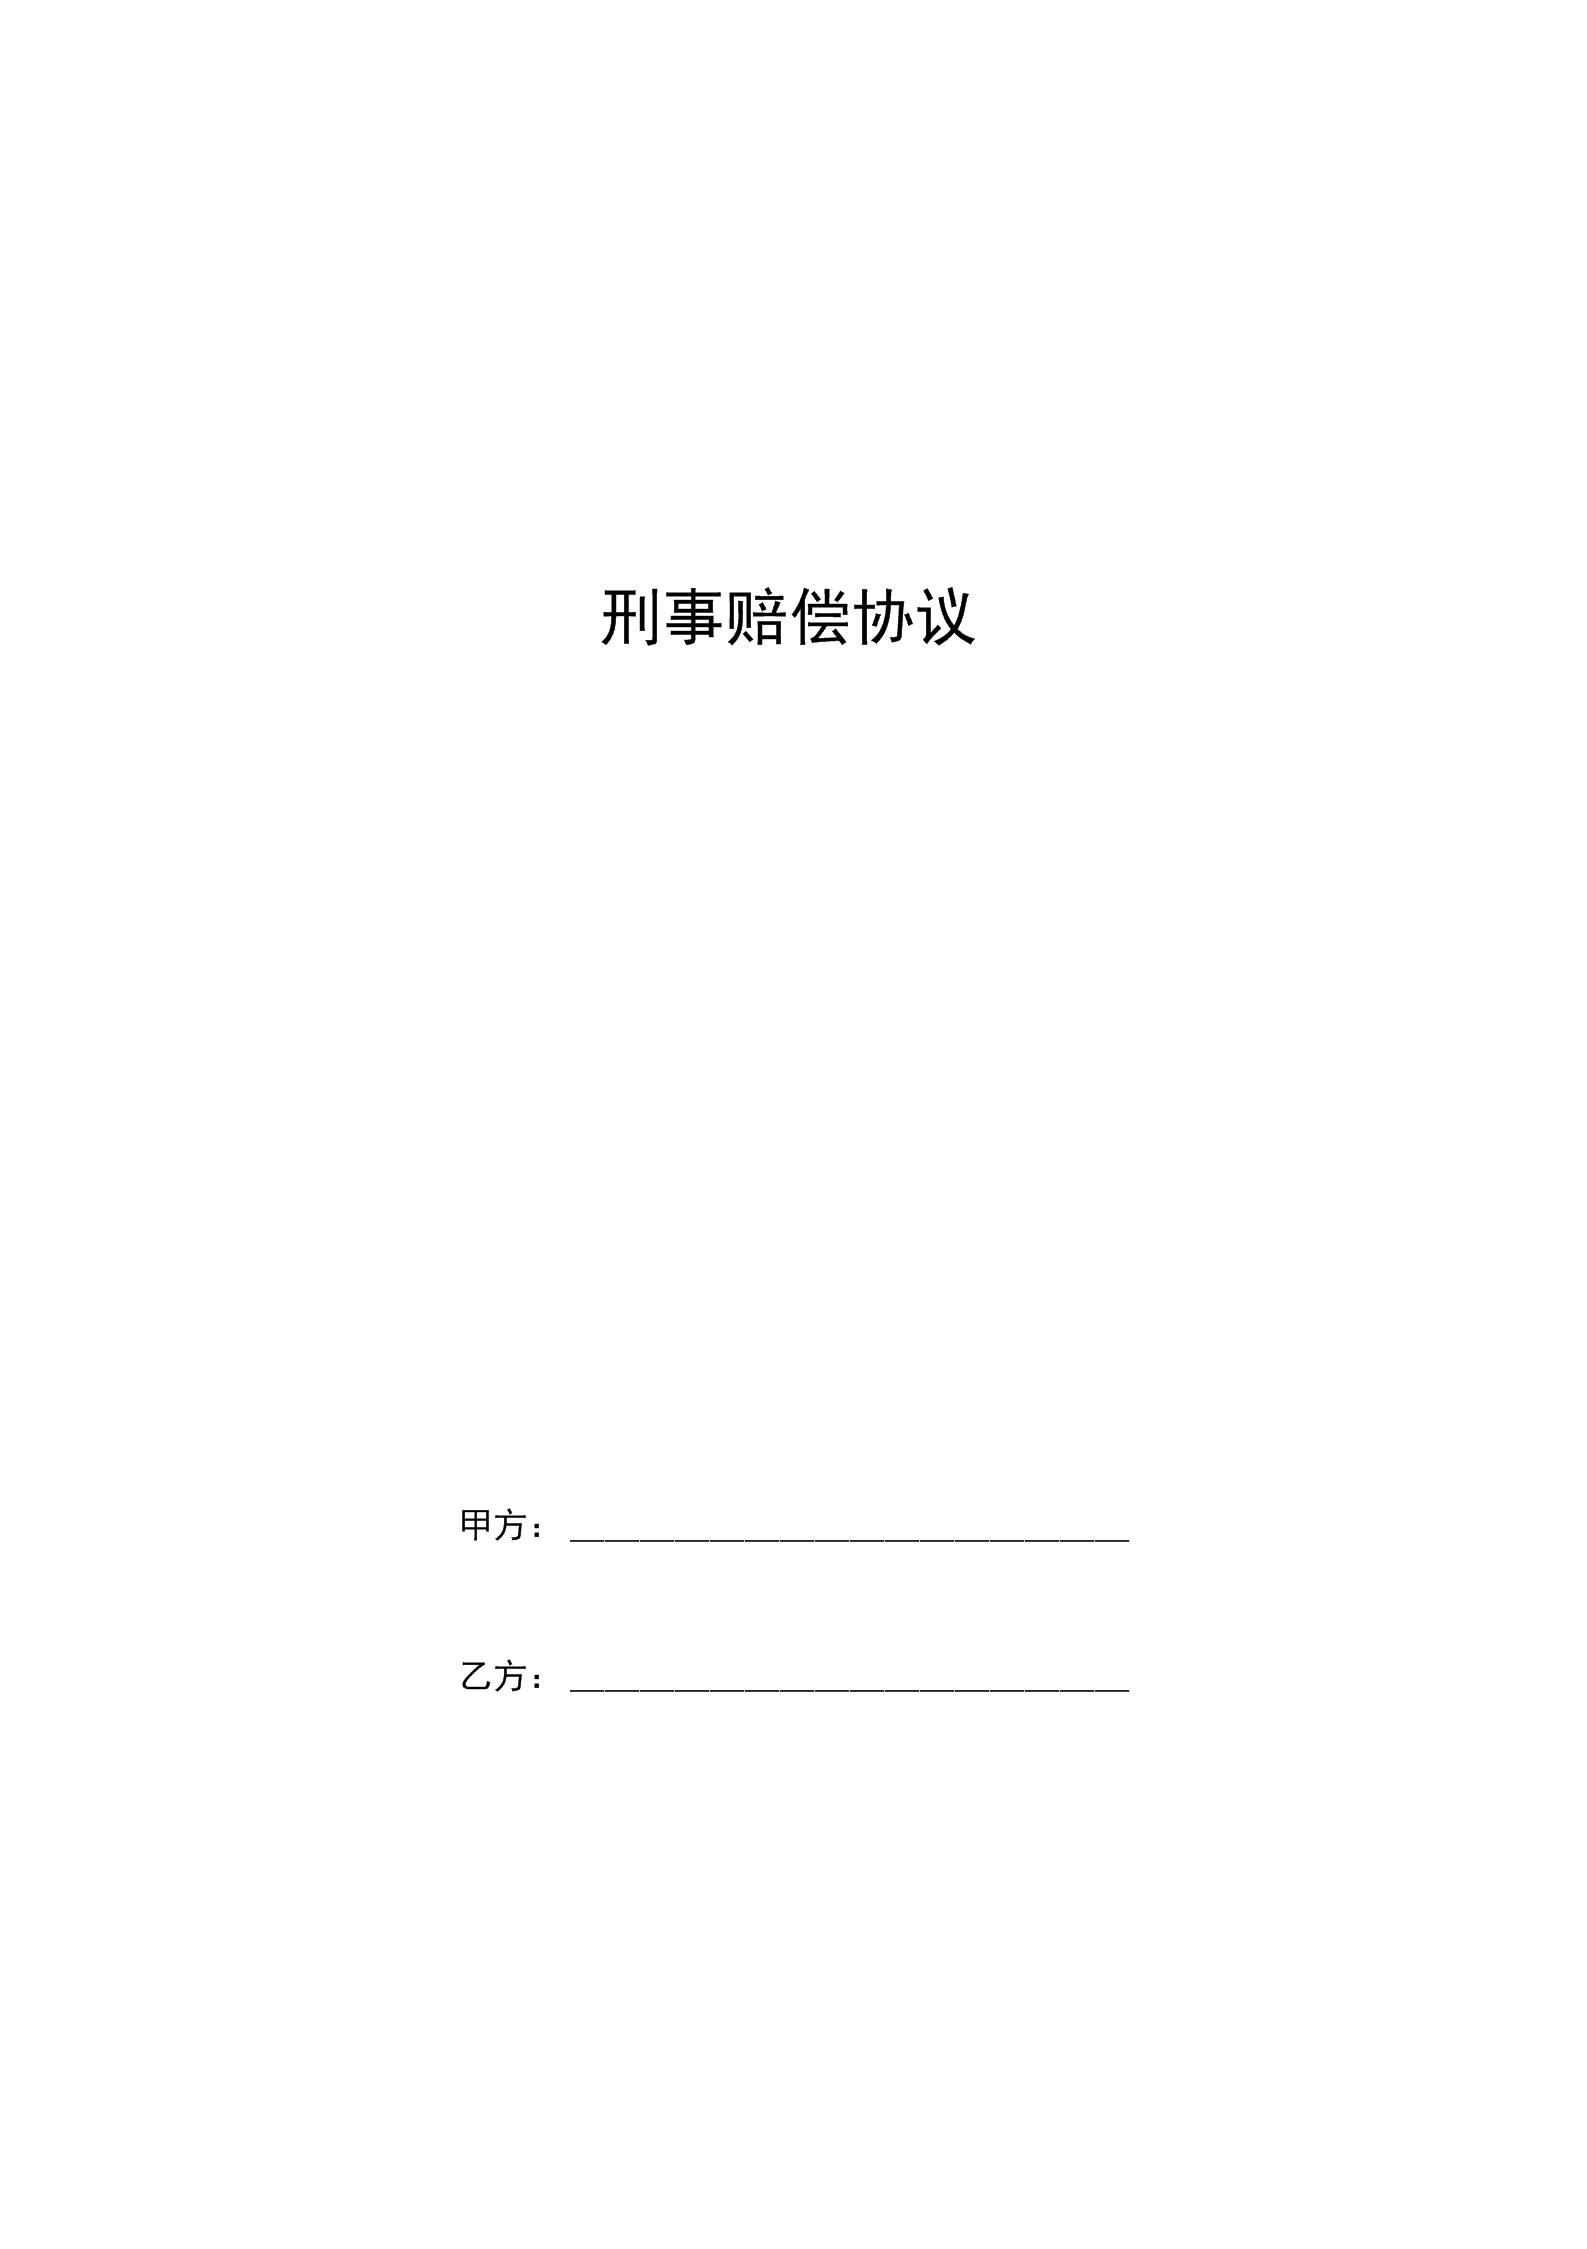 刑事赔偿协议范本(附:刑事谅解书与收据).docx